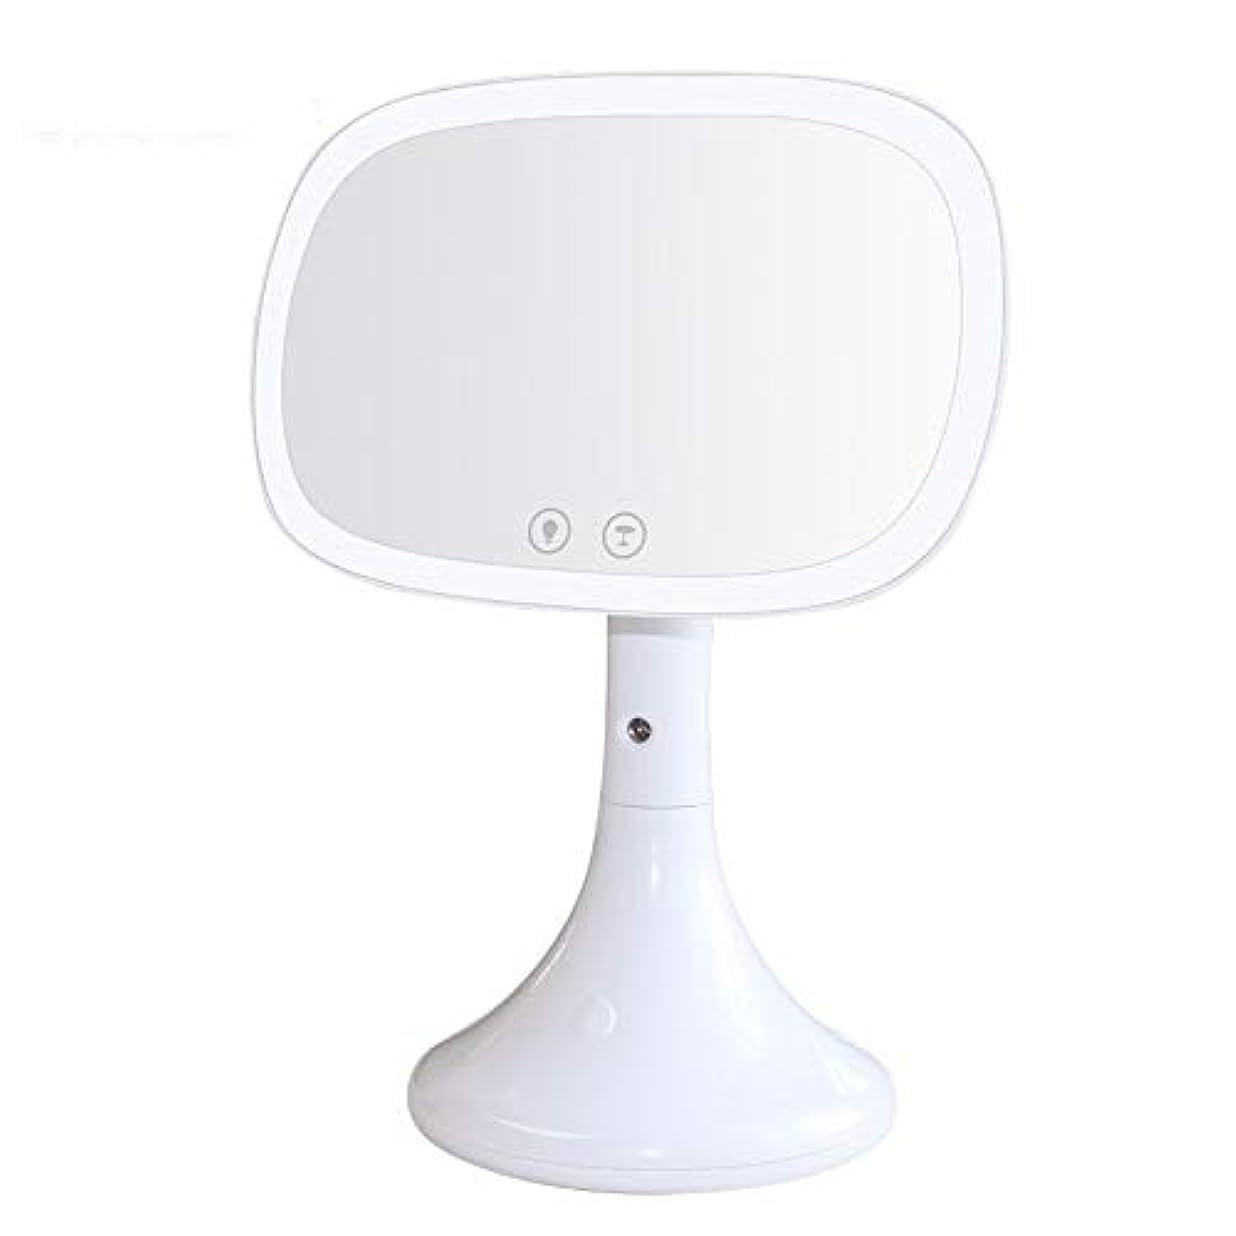 ゲインセイ余裕がある技術流行の USBデスクトップ化粧鏡LED美容保湿化粧鏡水スプレーホワイトピンク (色 : White)